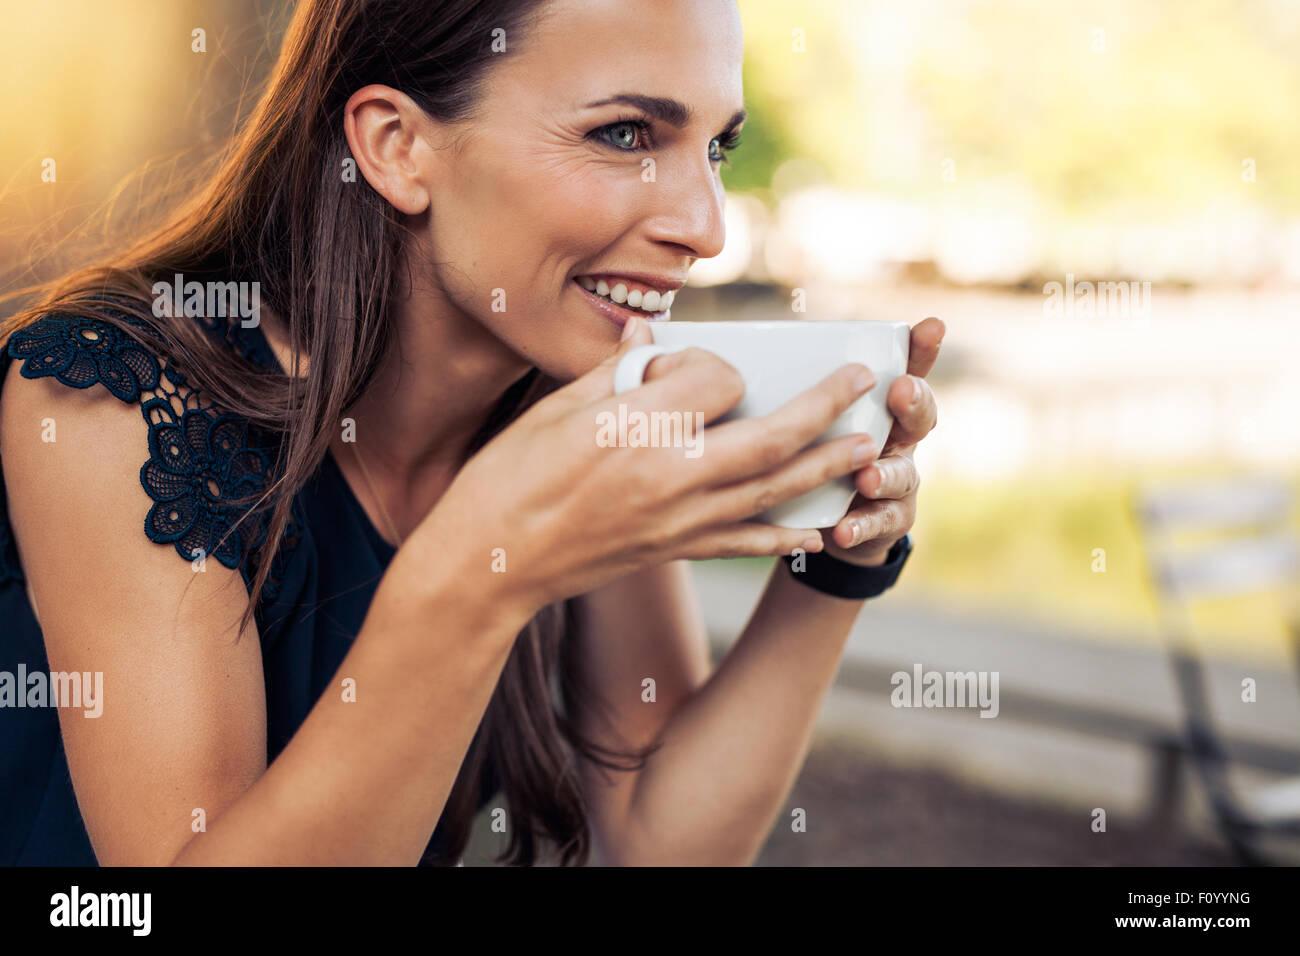 Mujer joven sosteniendo una taza de café y apartar la mirada sonriendo. Mujeres caucásicas bebiendo café Imagen De Stock